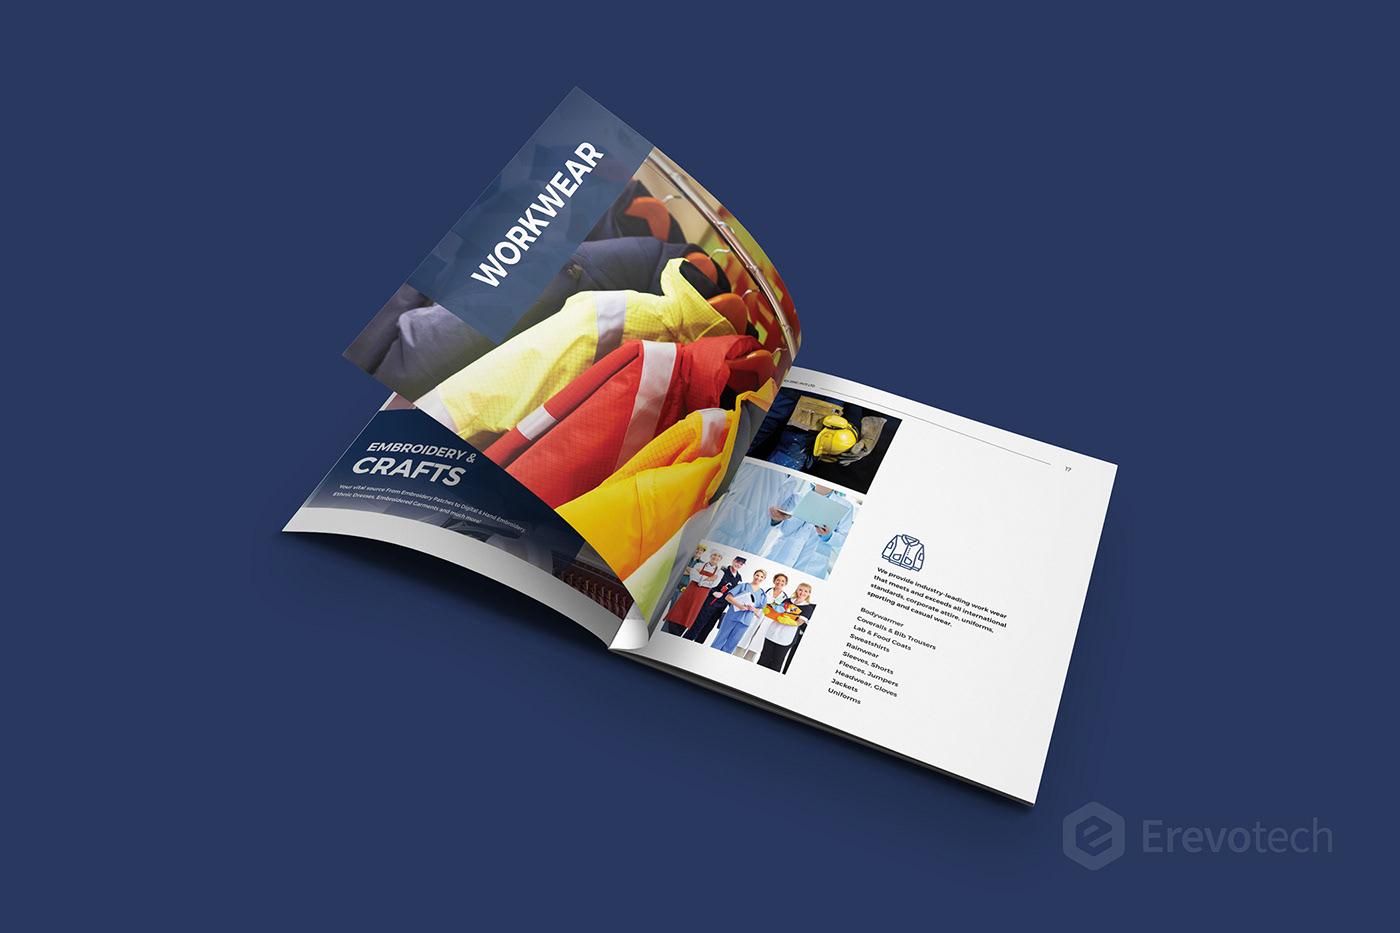 brochure design by kabeerkhan